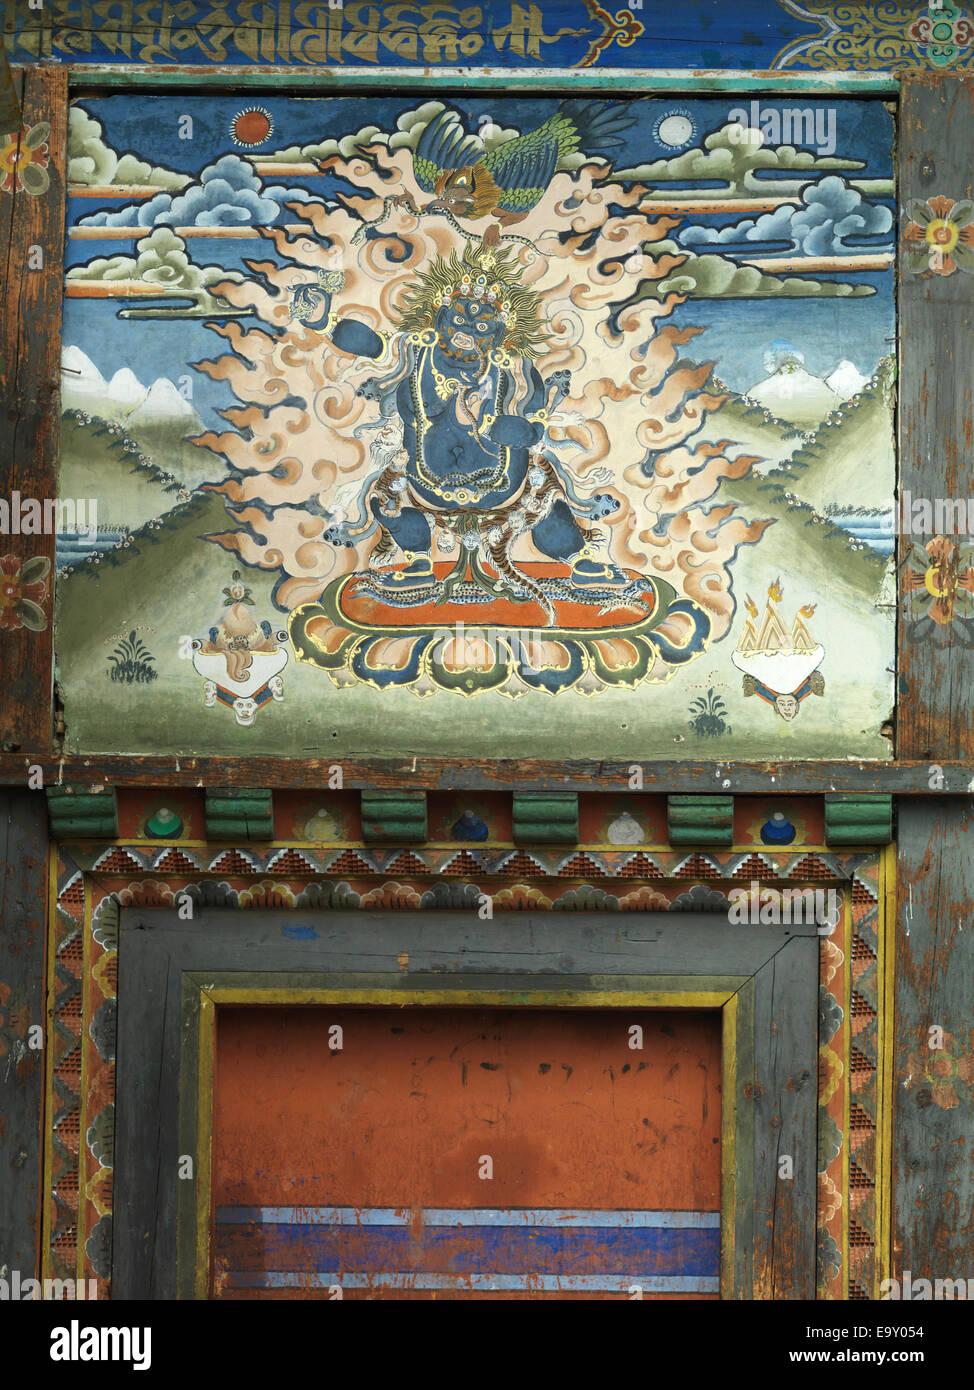 Gate of Tamshing Monastery, Chokhor Valley, Bumthang District, Bhutan - Stock Image